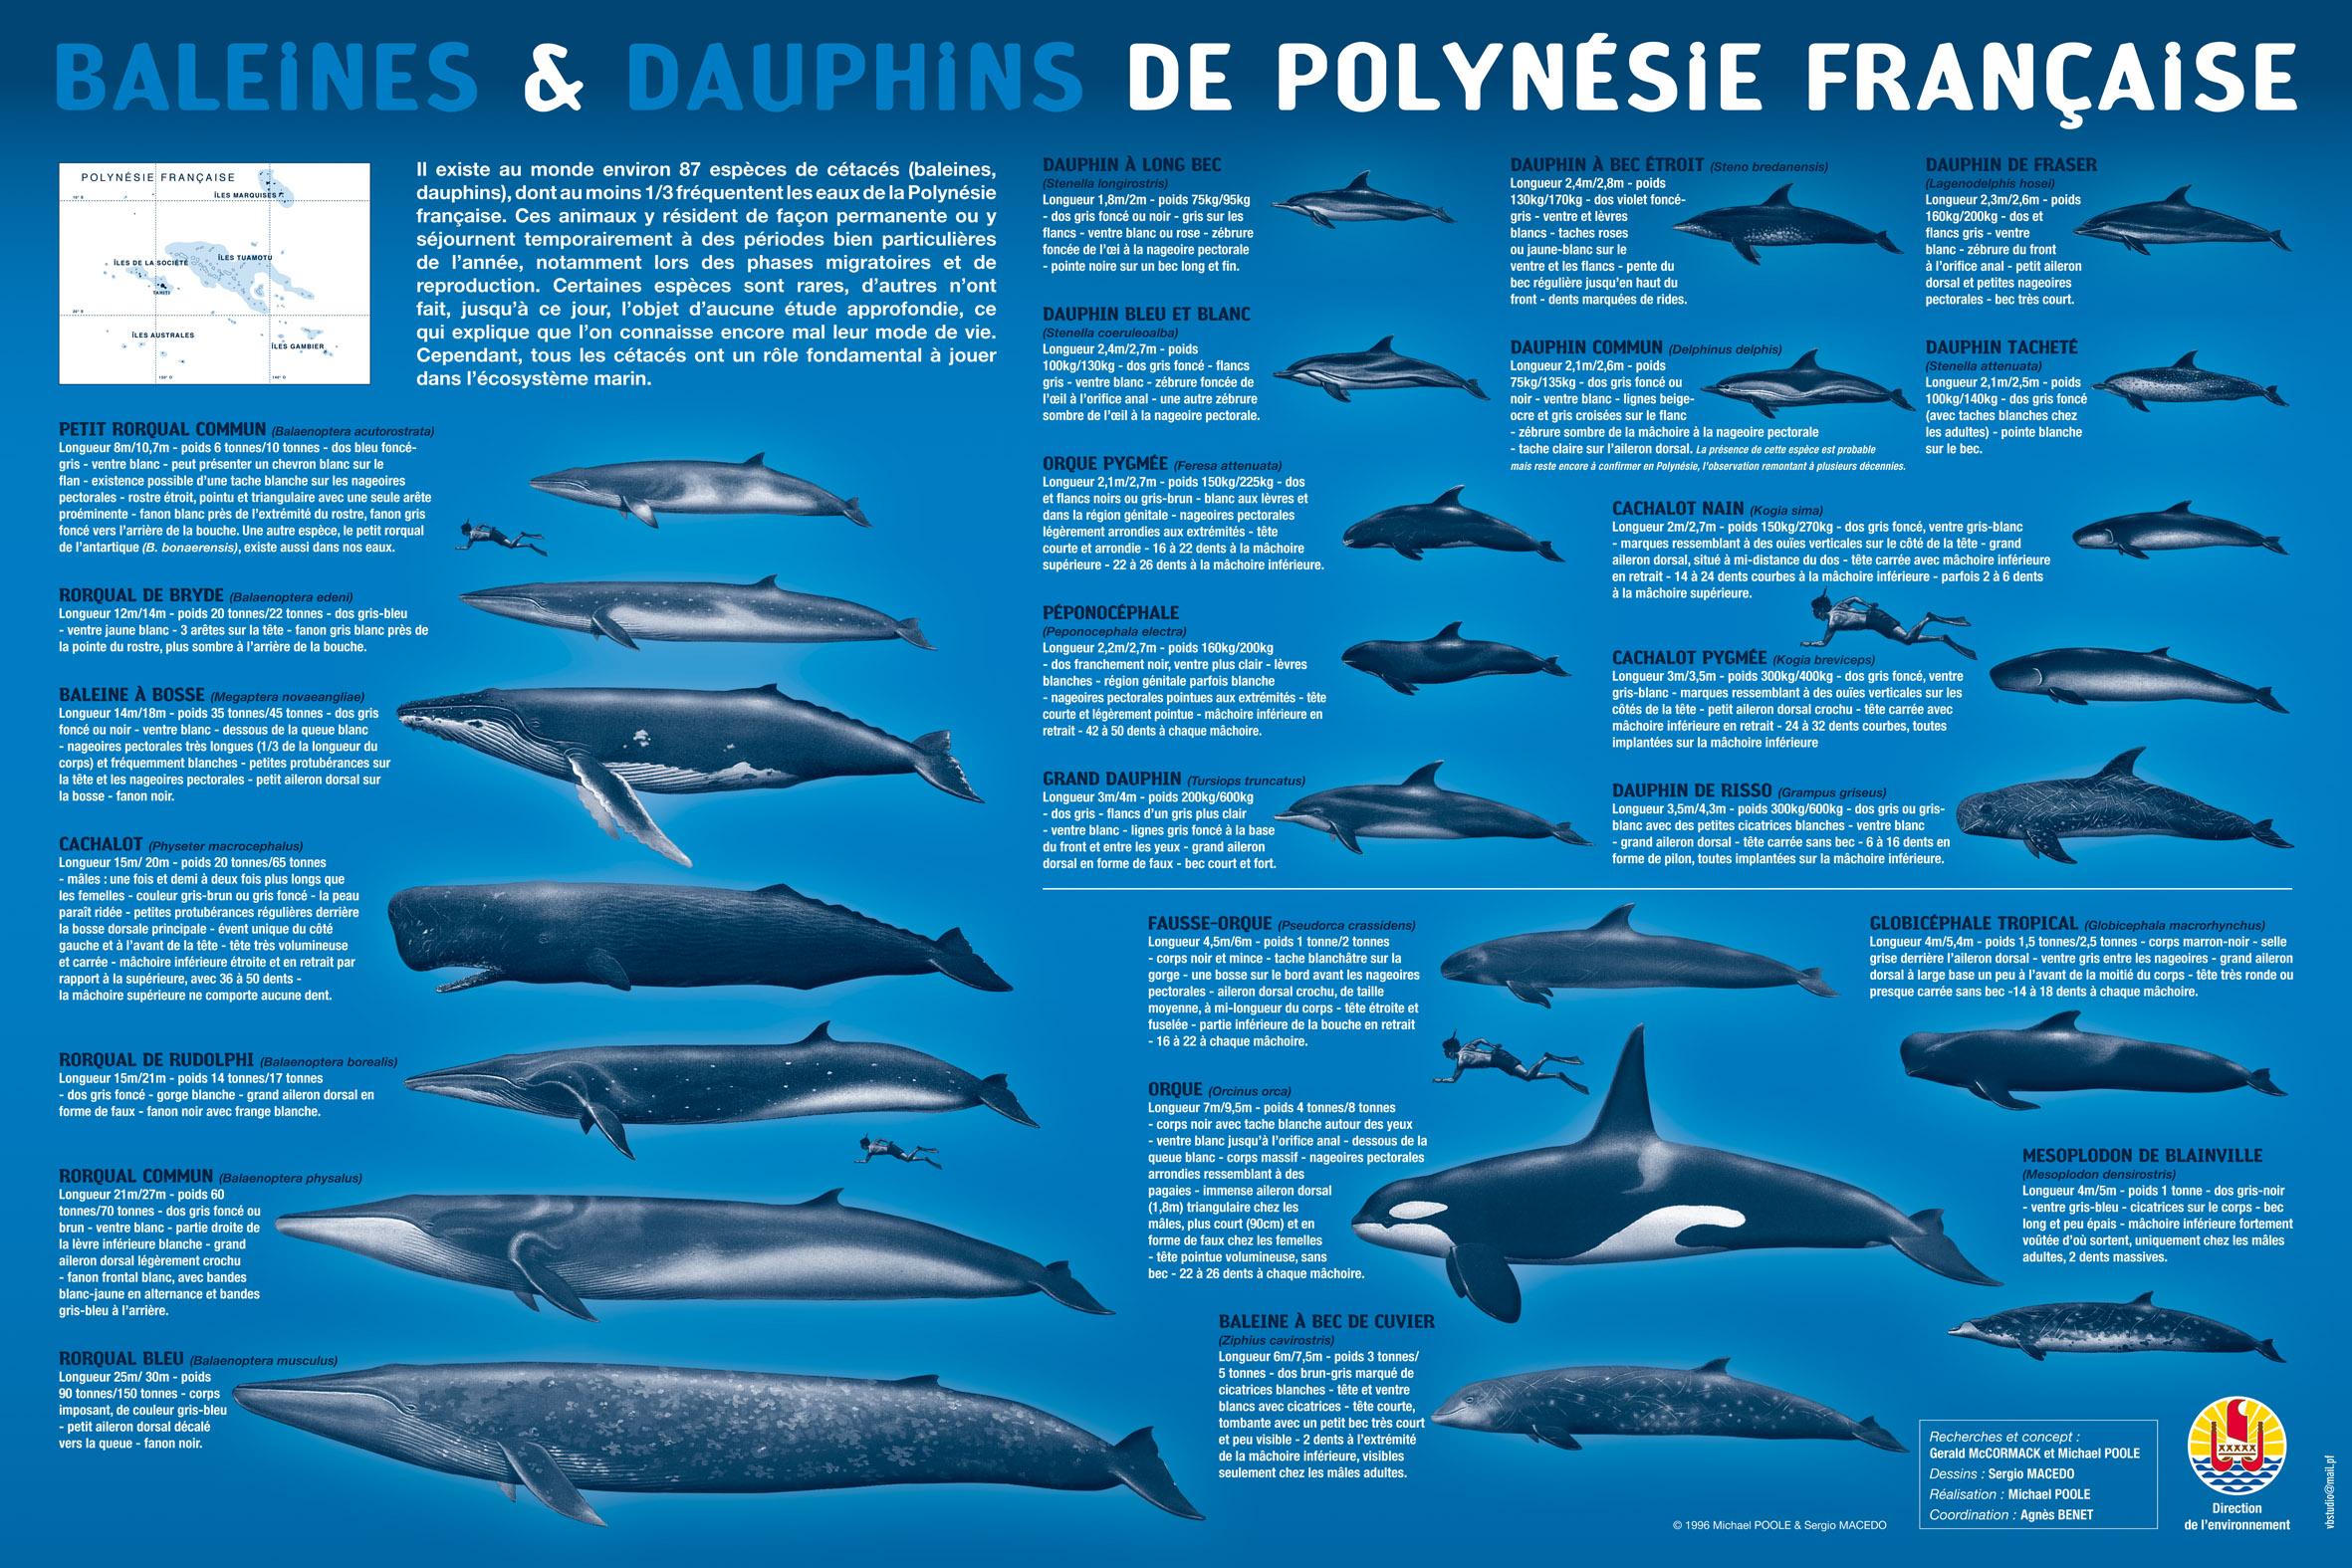 La Direction de l'Environnement de Polynésie française a dressé une liste des cétacés et baleines présentes dans les eaux polynésiennes ©Diren